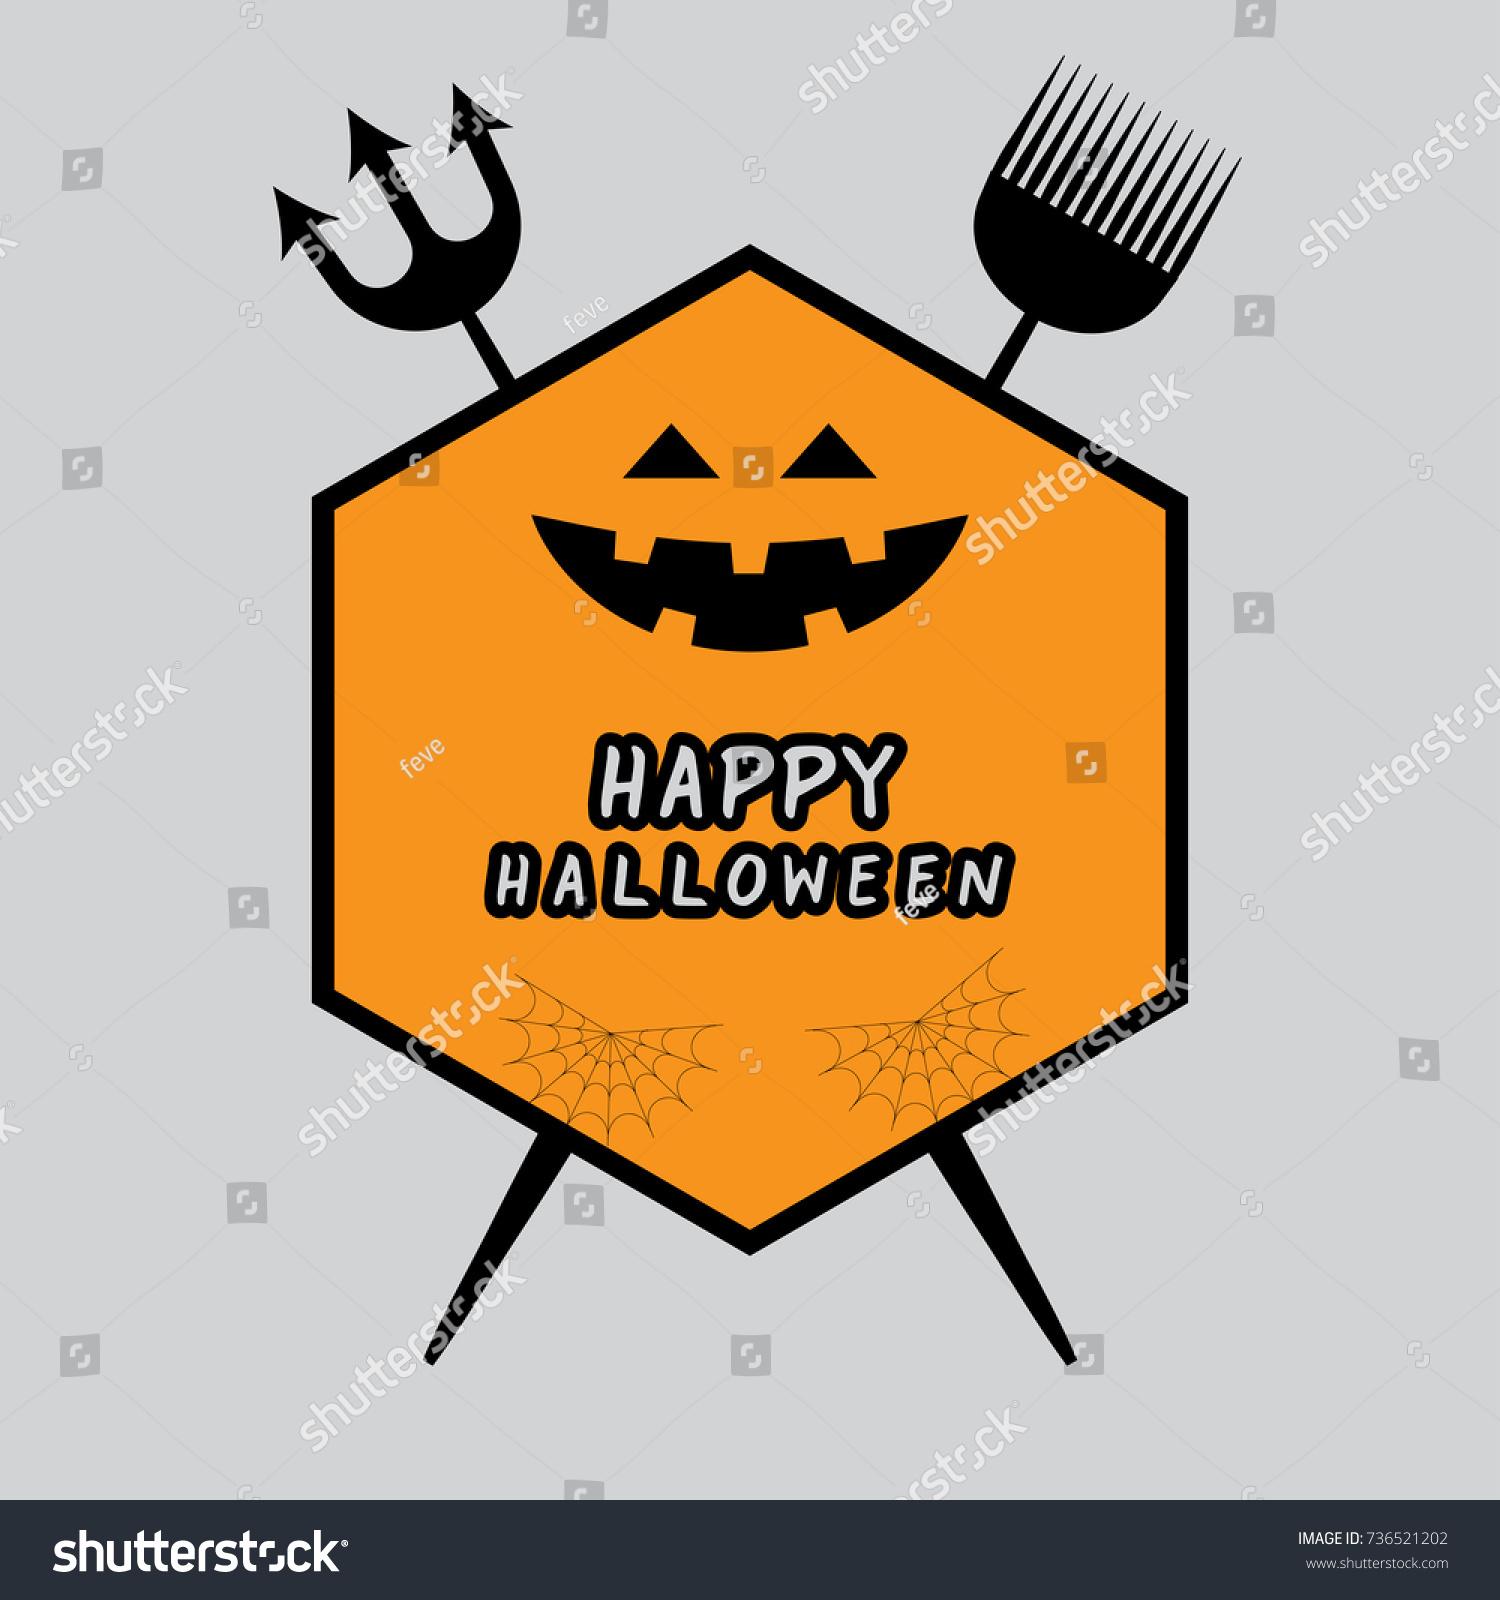 Happy Halloween Logo Stock Vector 736521202 - Shutterstock